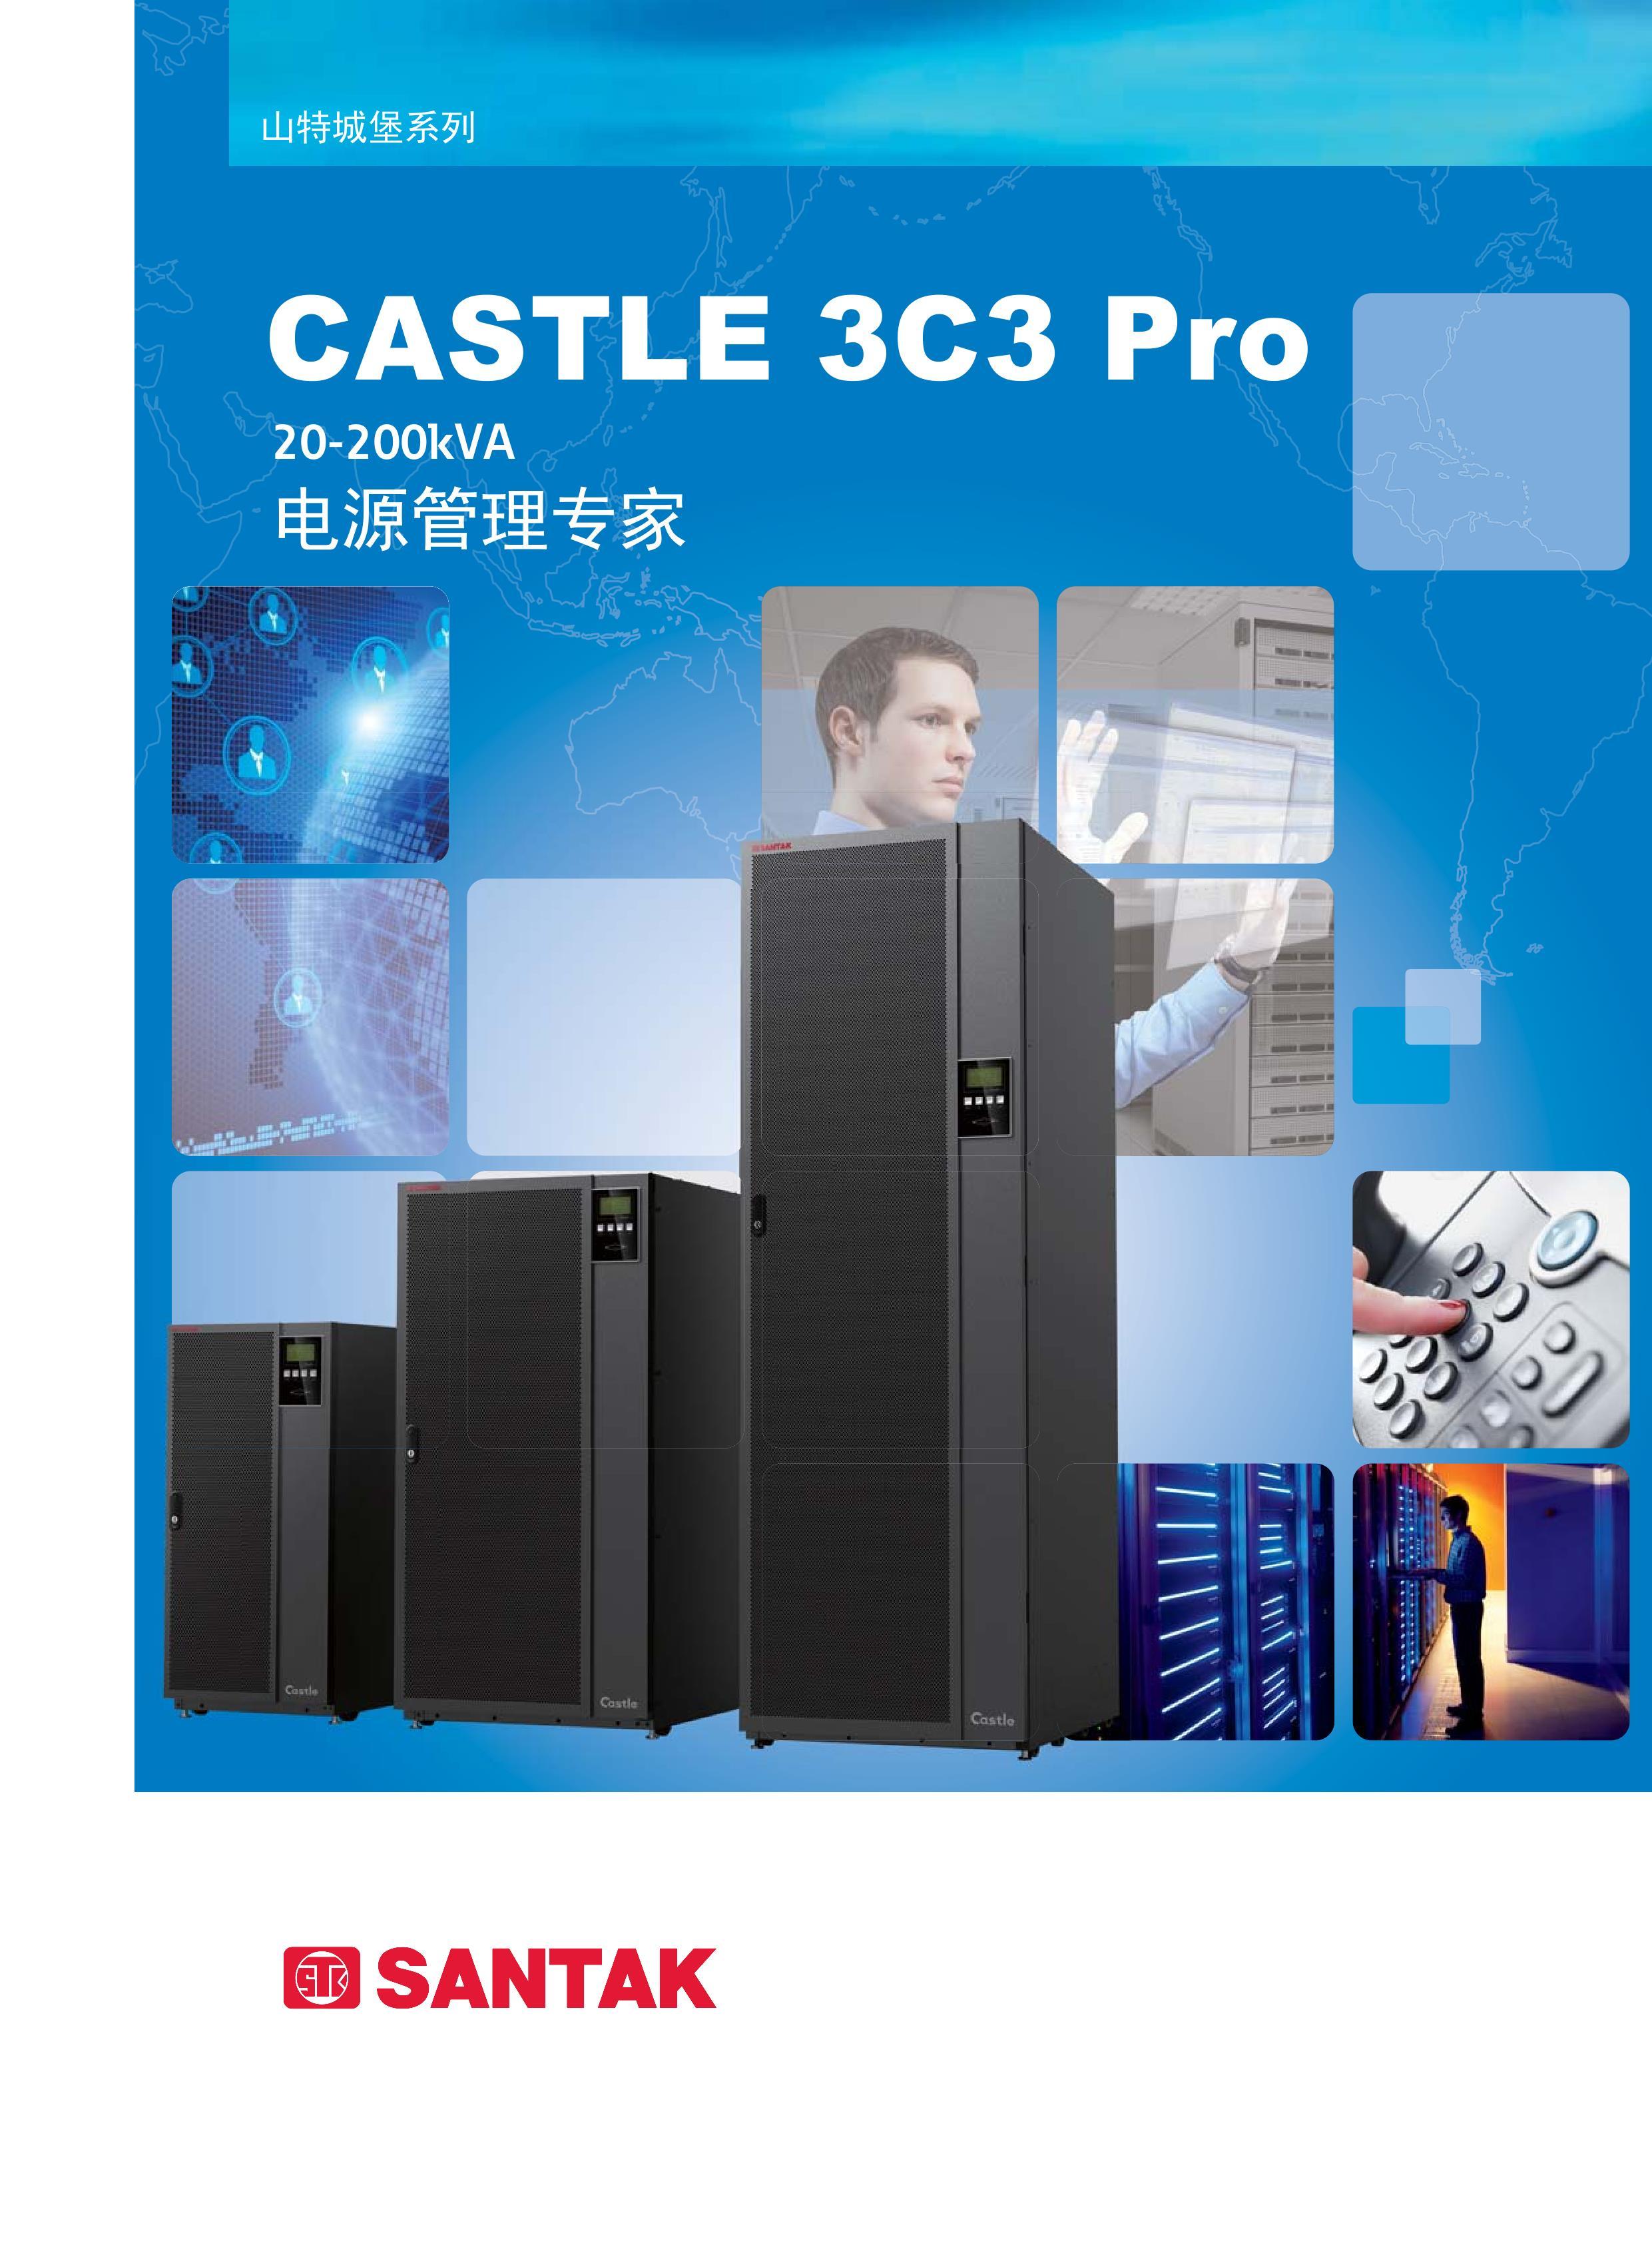 山特城堡3C3 PRO 20-200kVA系列UPS电源